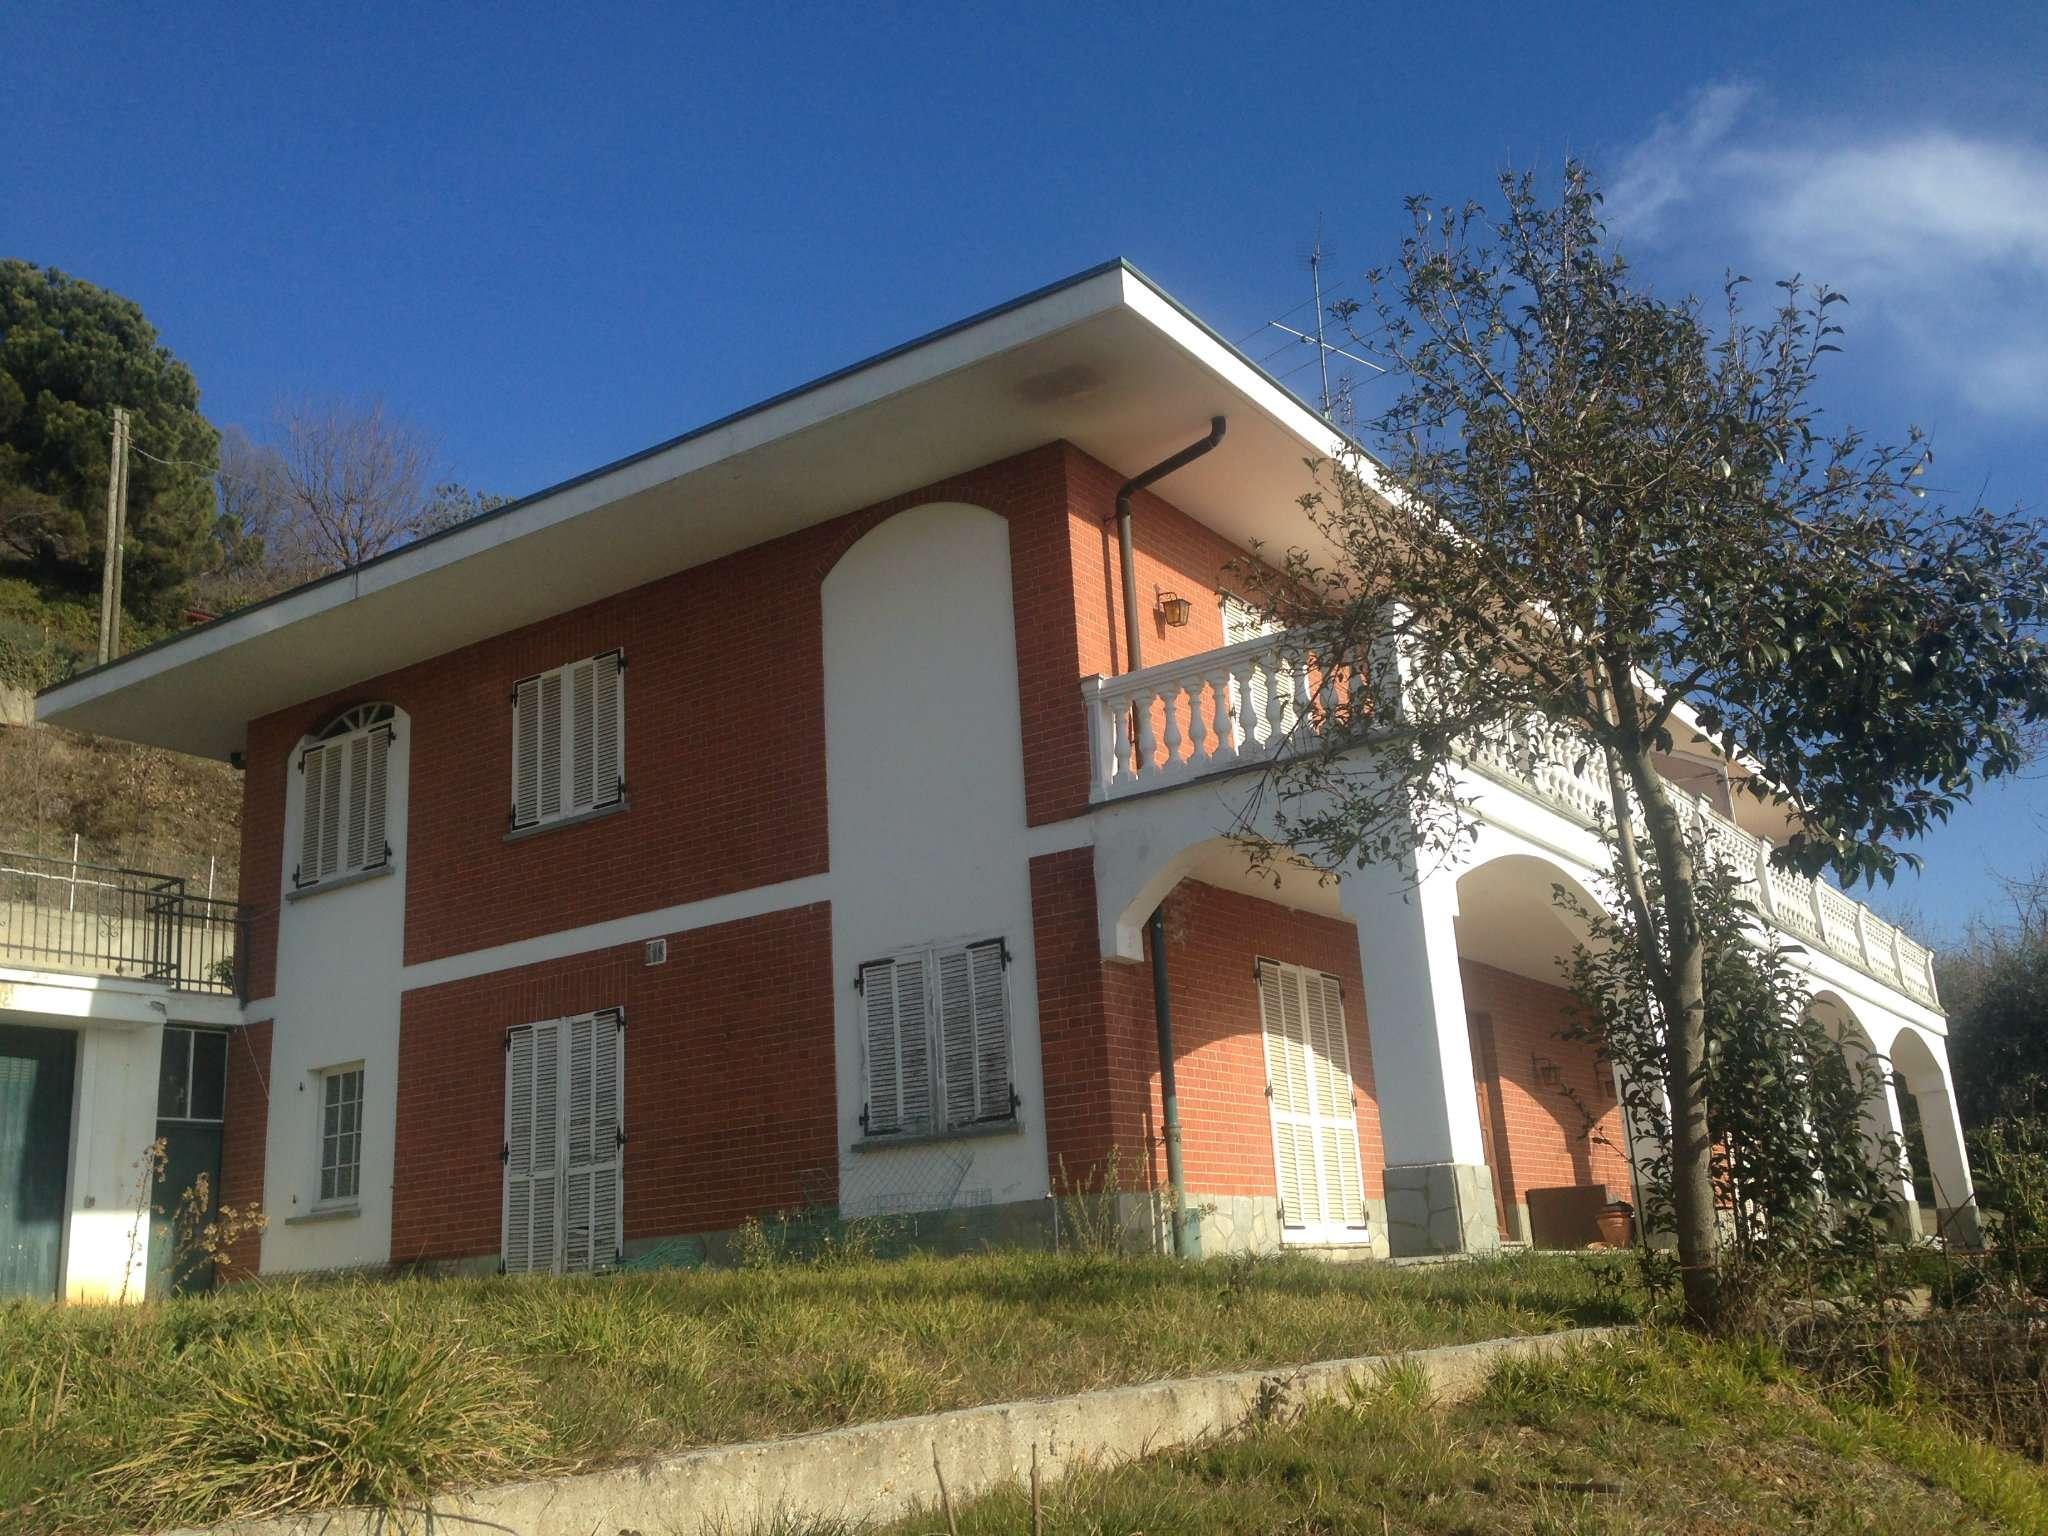 Villa Bifamiliare in Vendita a Pecetto Torinese